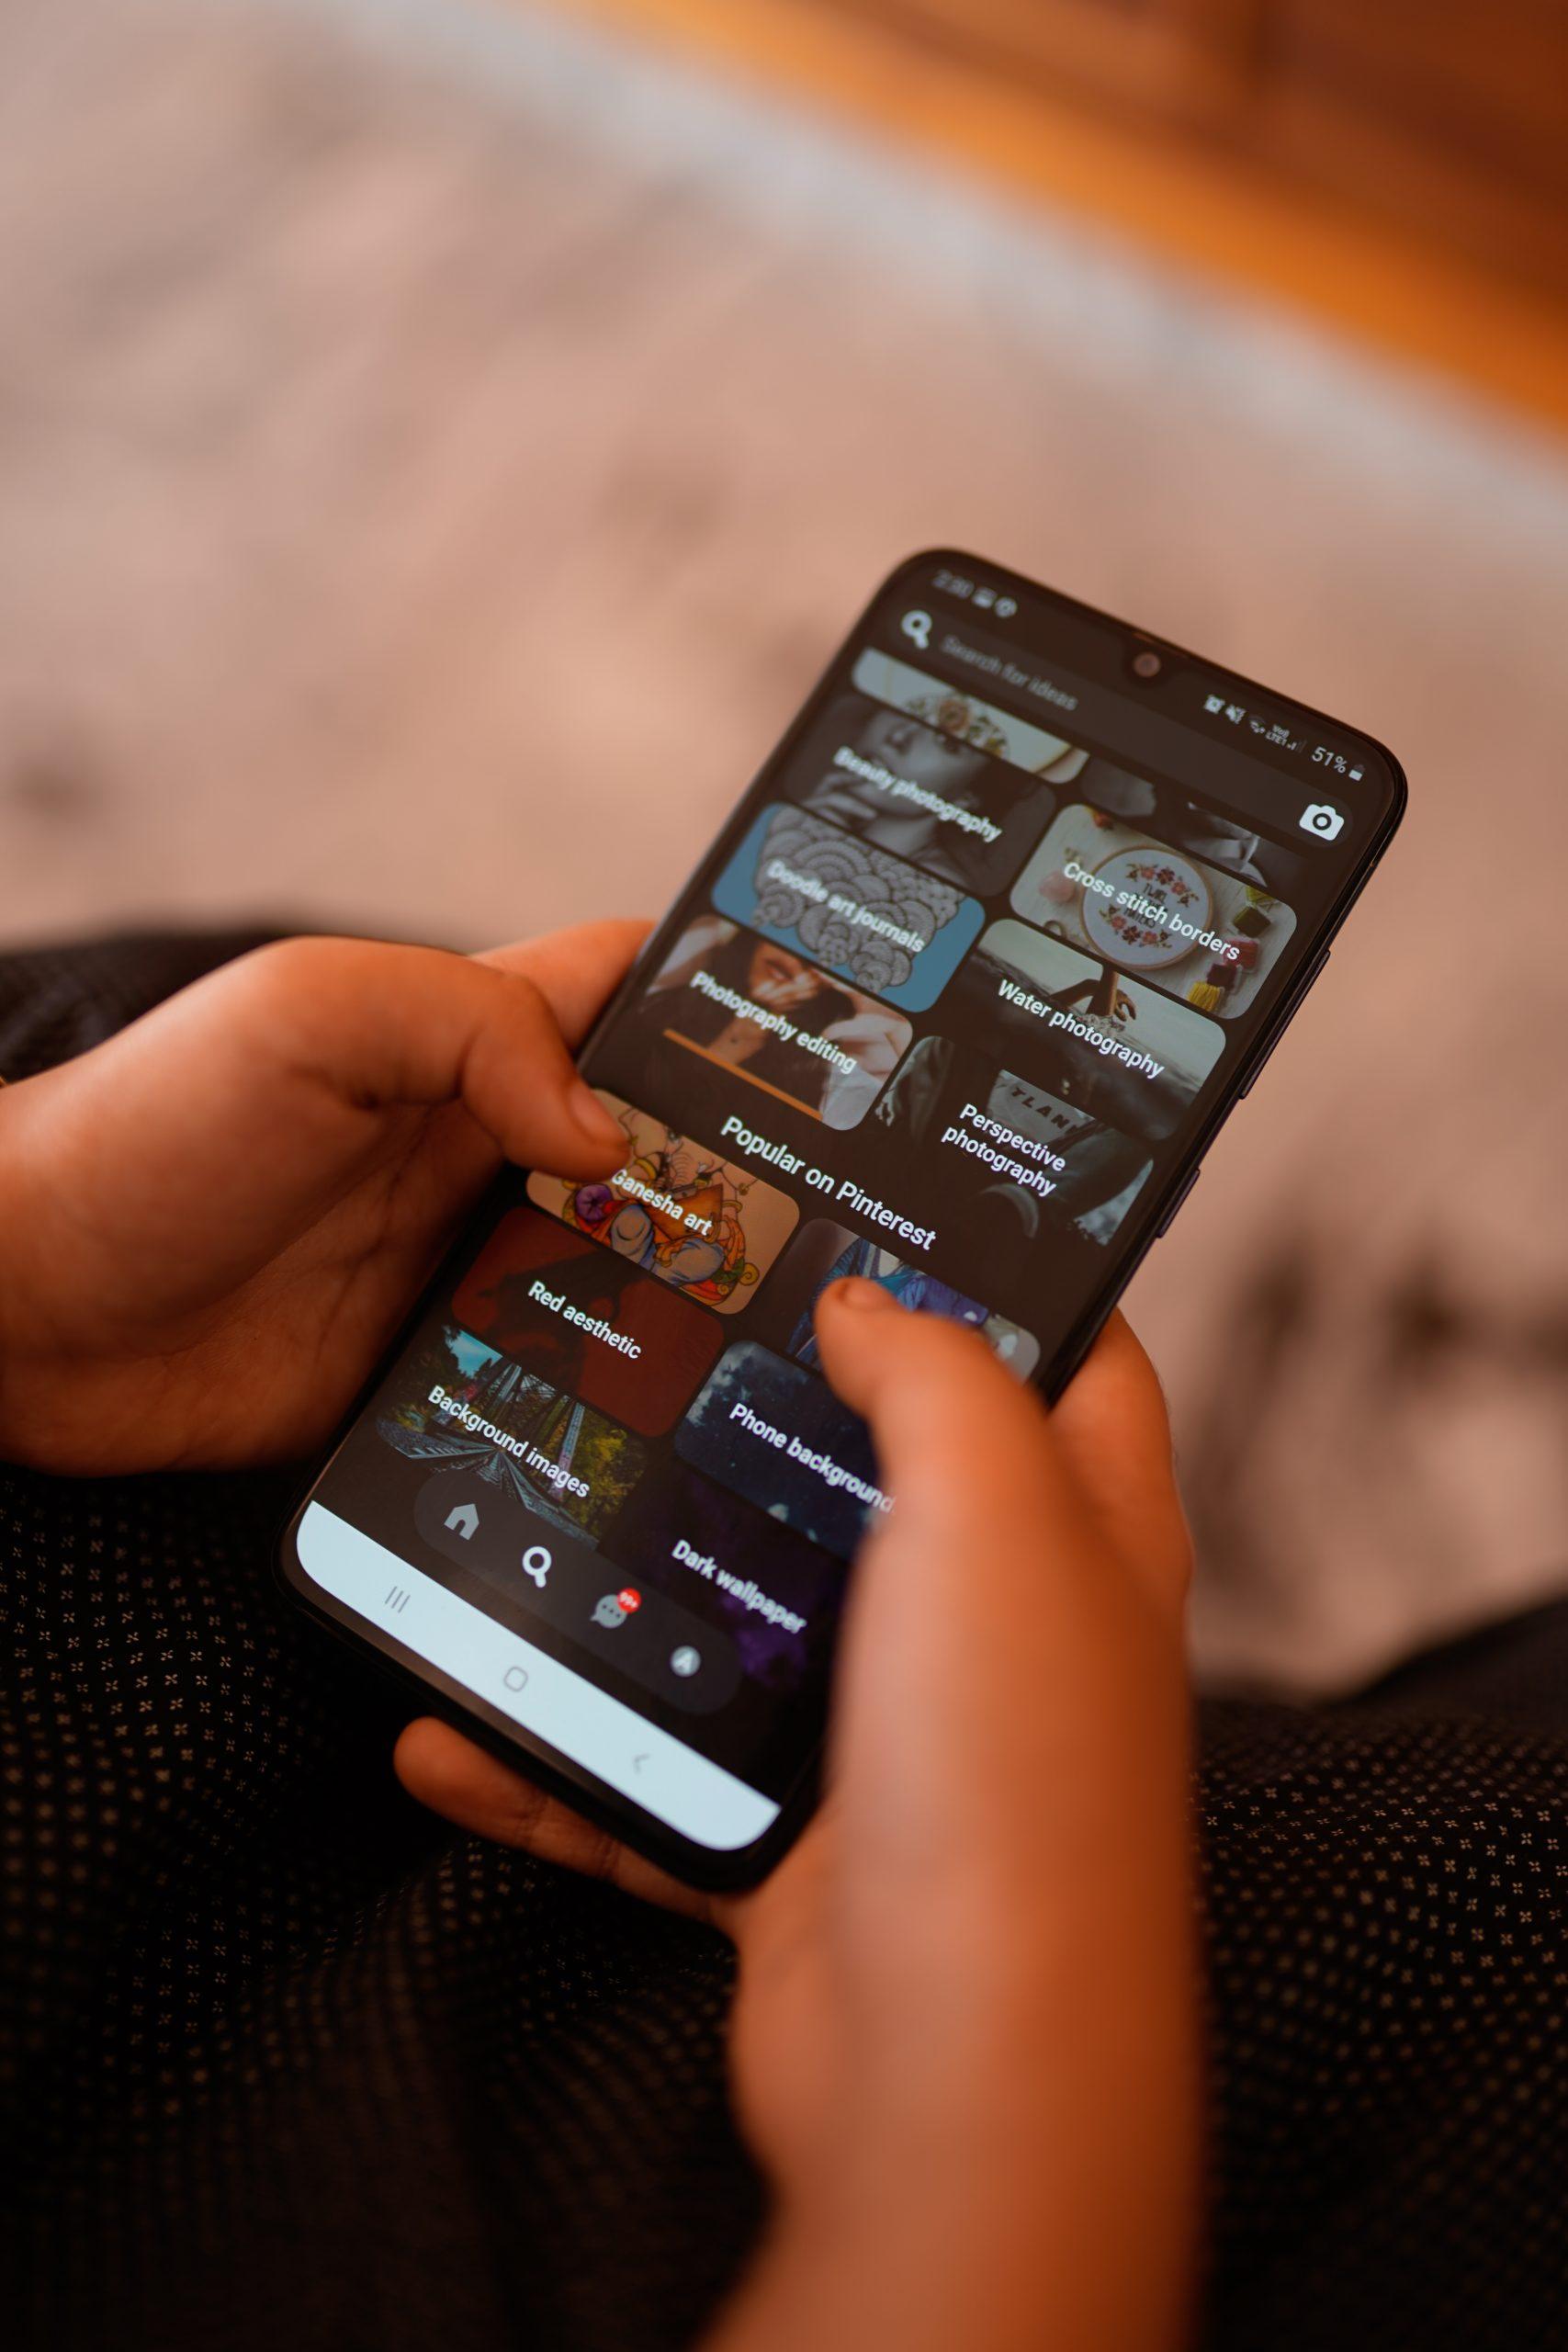 Social media in mobile phone